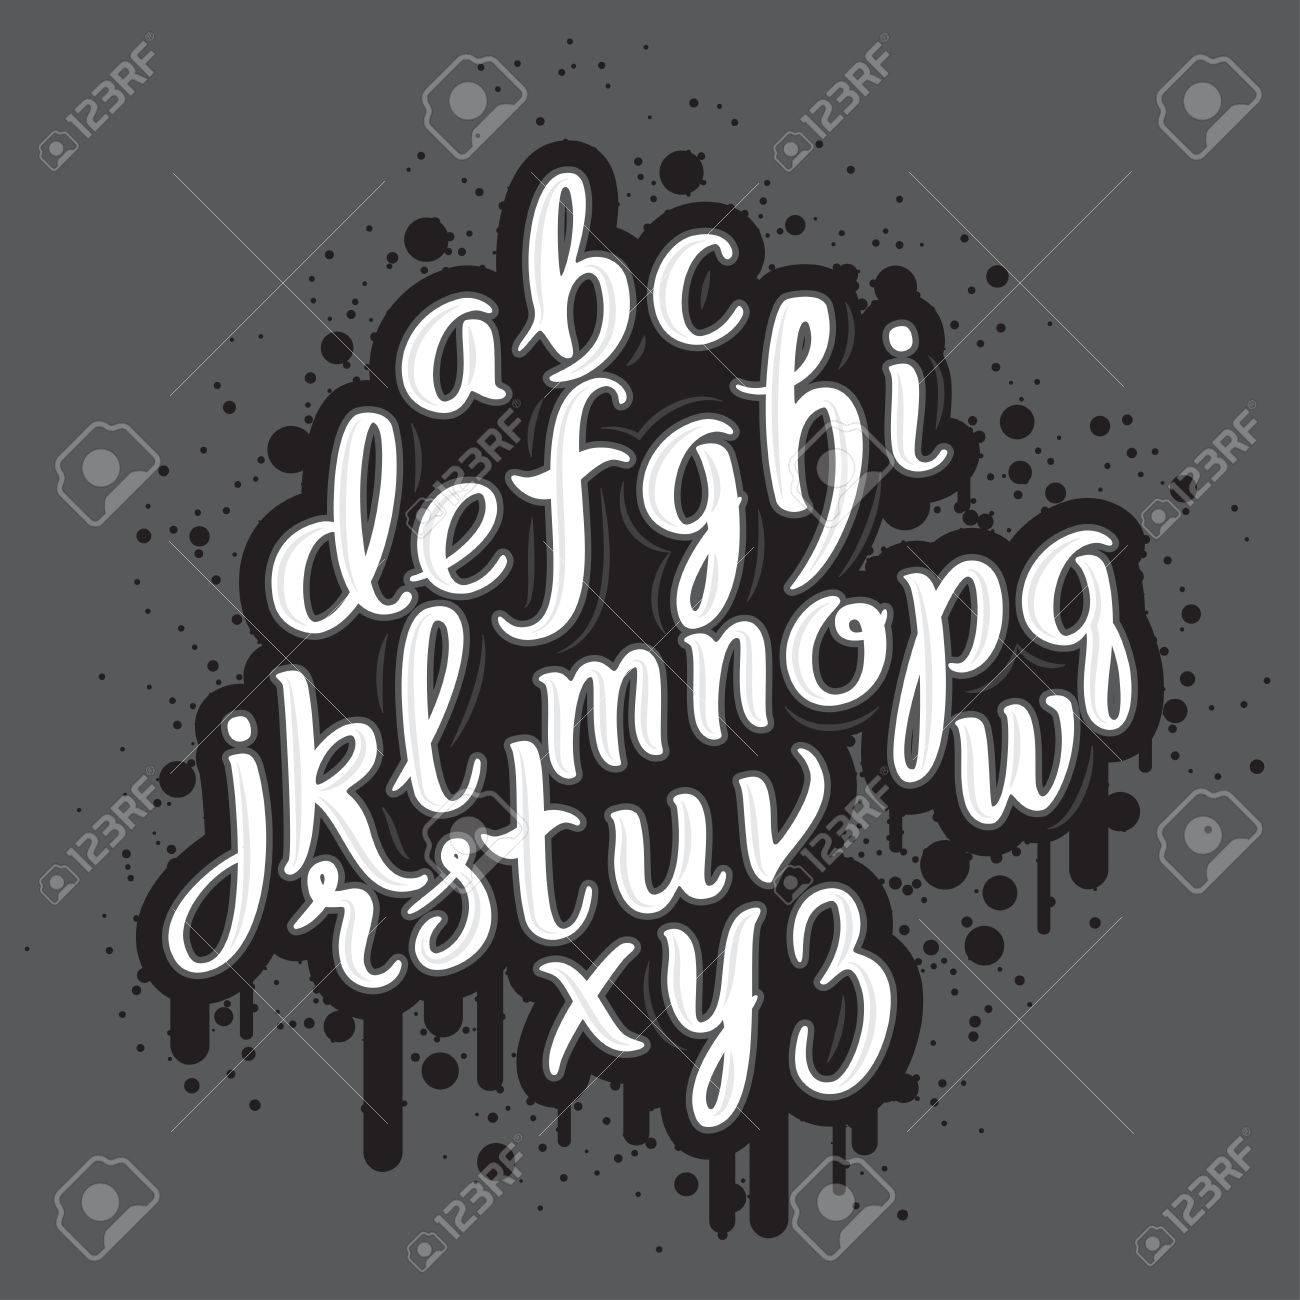 Handdrawn Graffiti Alphabet Brush Pen Letters Handwritten Script Font Hand Lettering Custom Typography